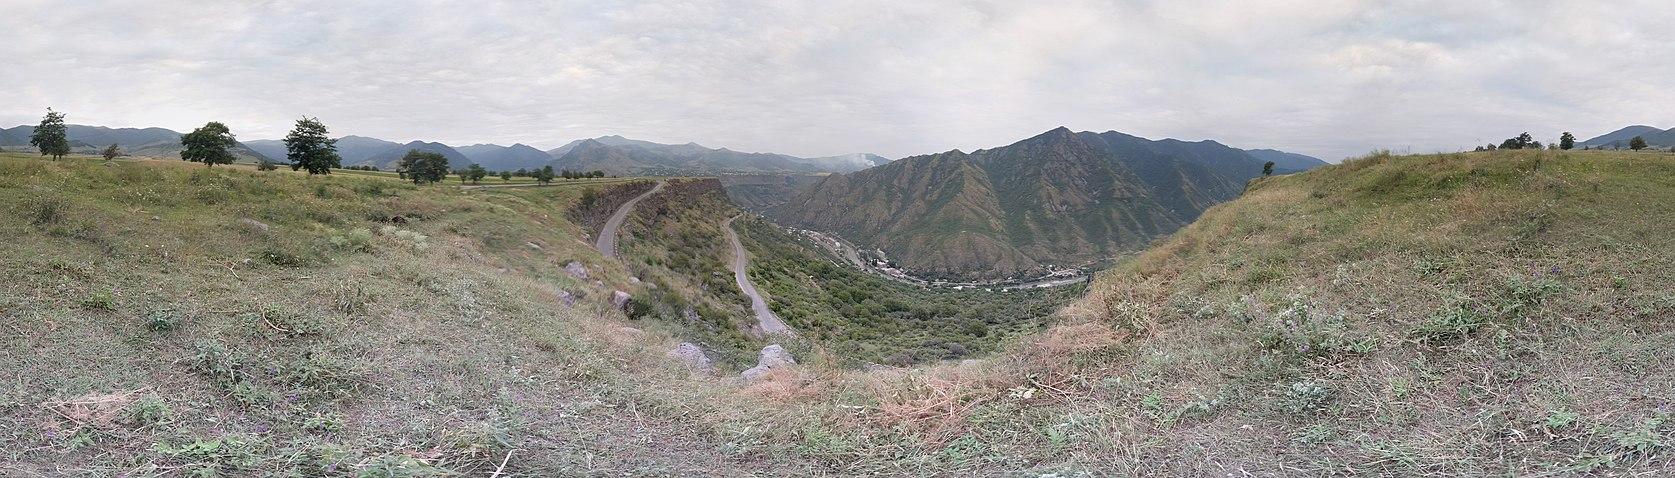 Road to Odzun - panoramio.jpg